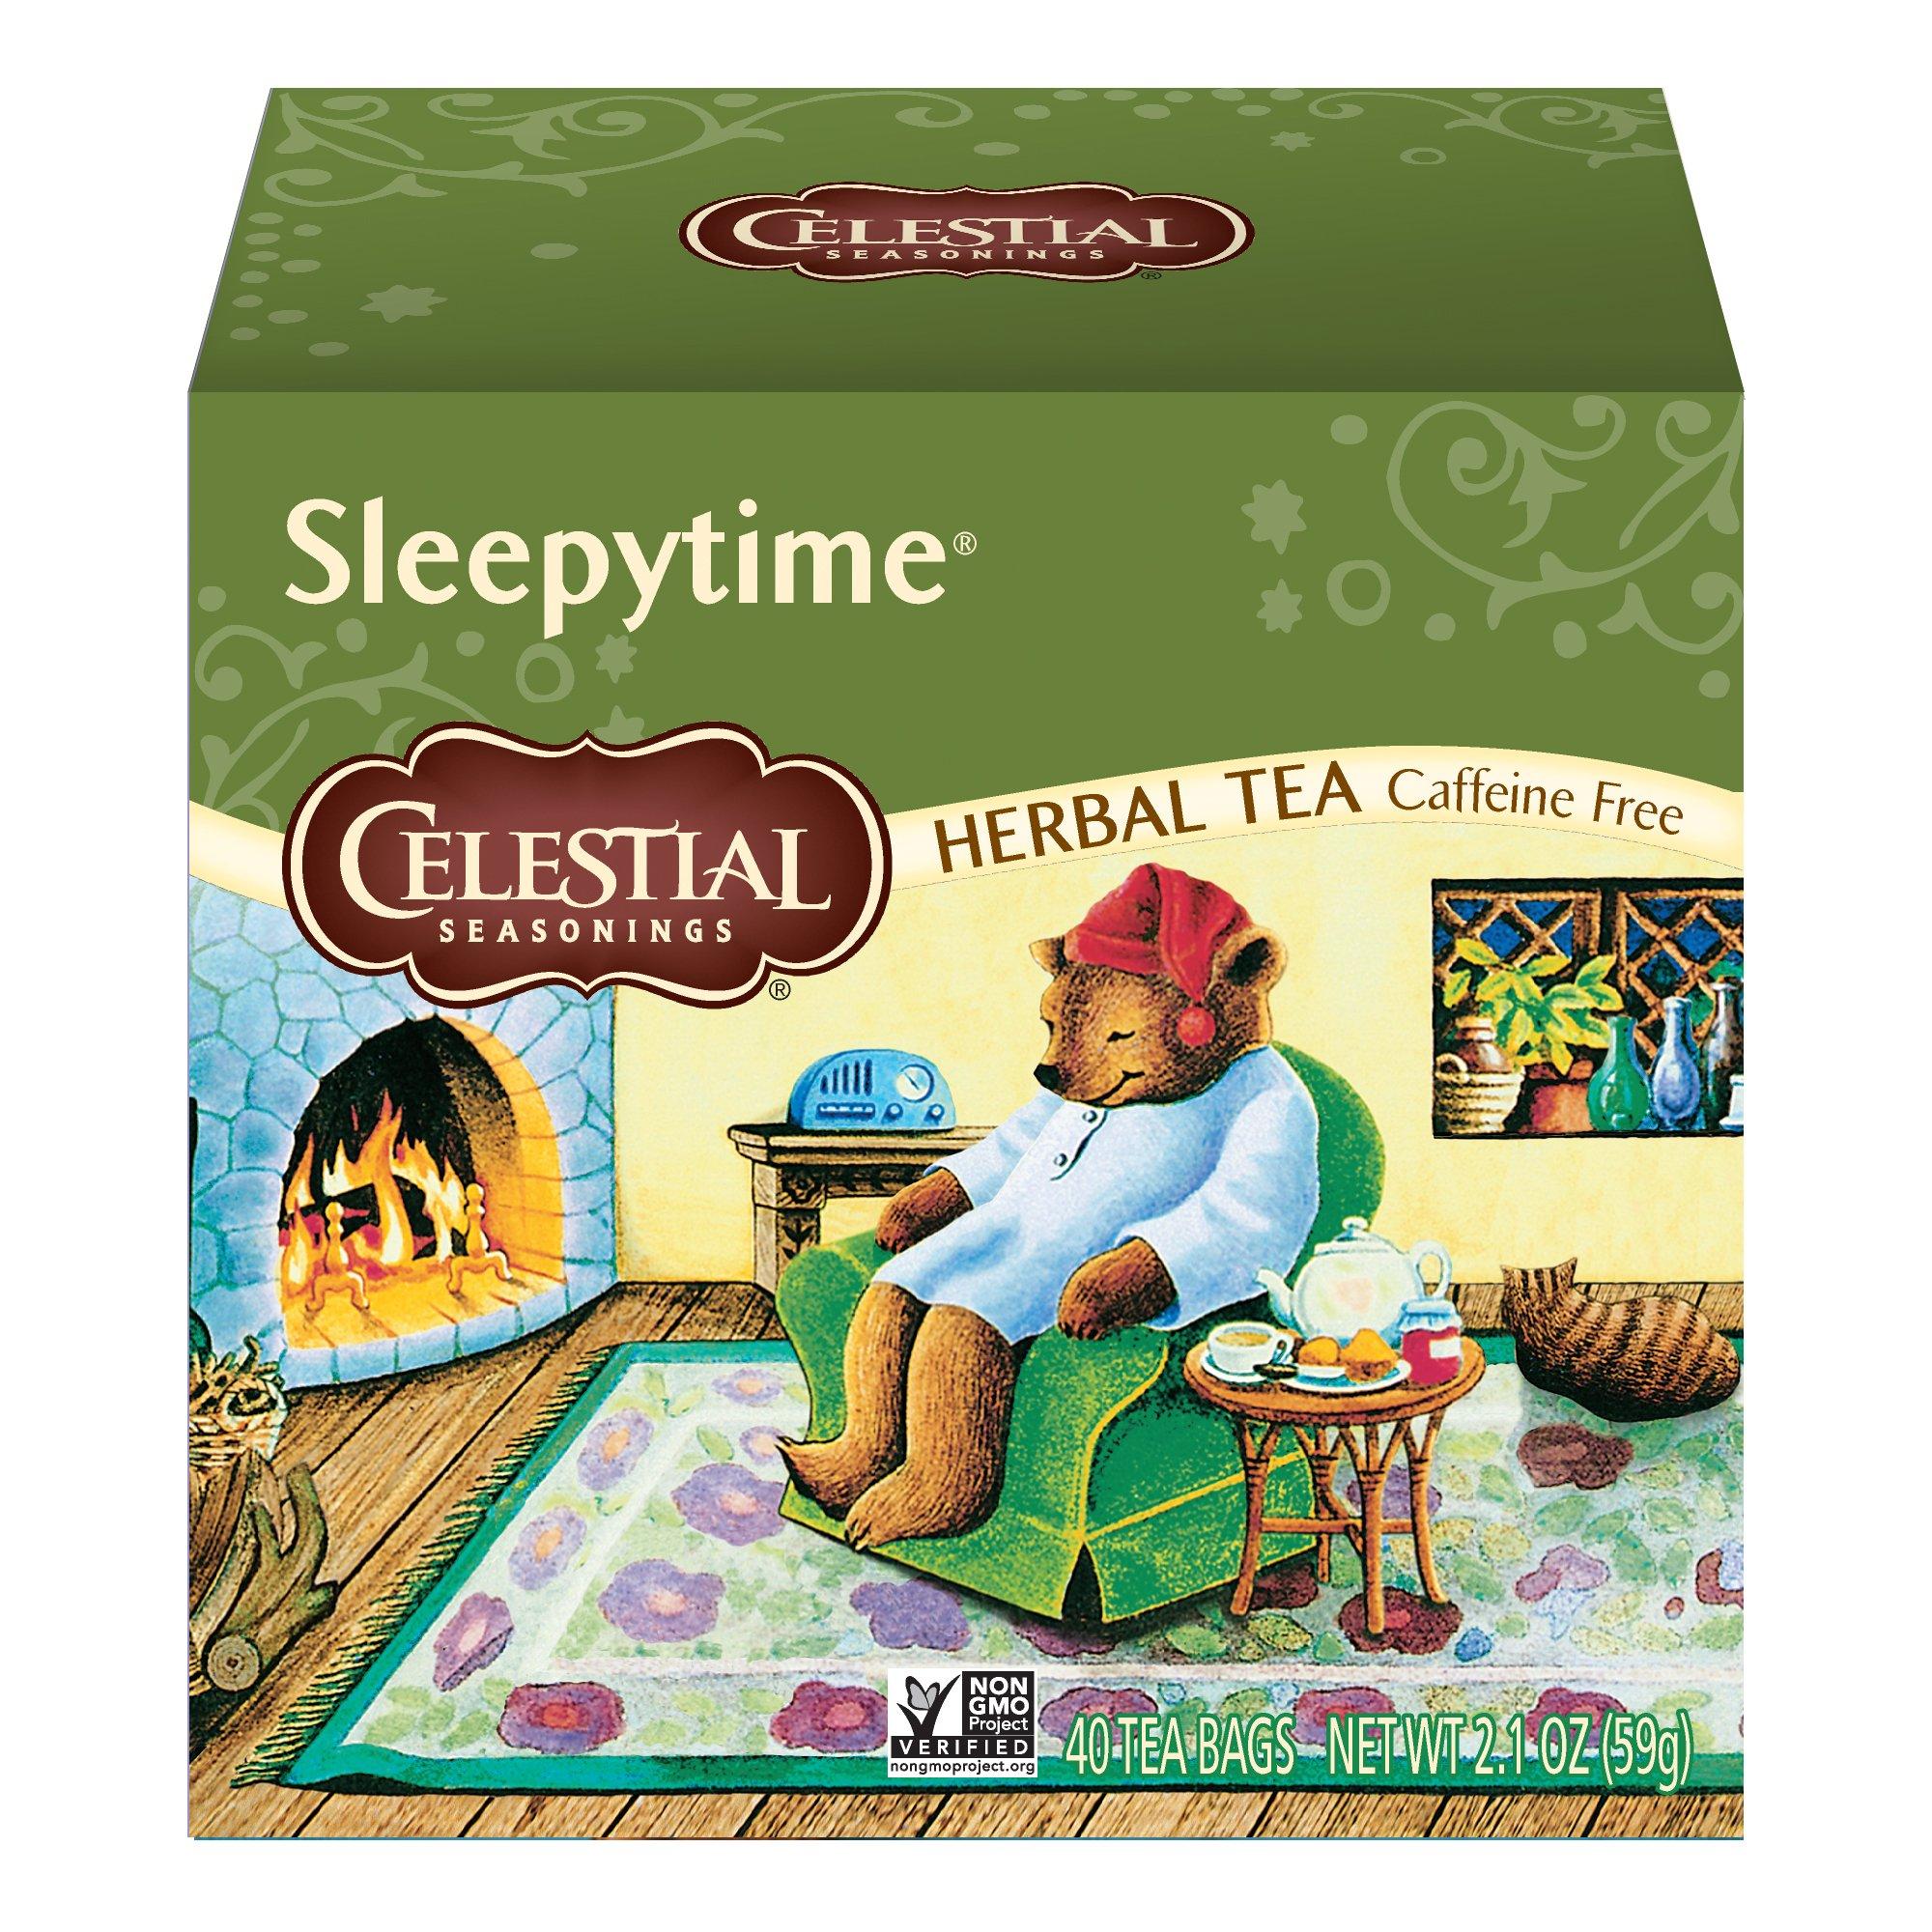 Celestial Seasonings Herbal Tea, Sleepytime, 40 Count Box (Pack of 6) by Celestial Seasonings